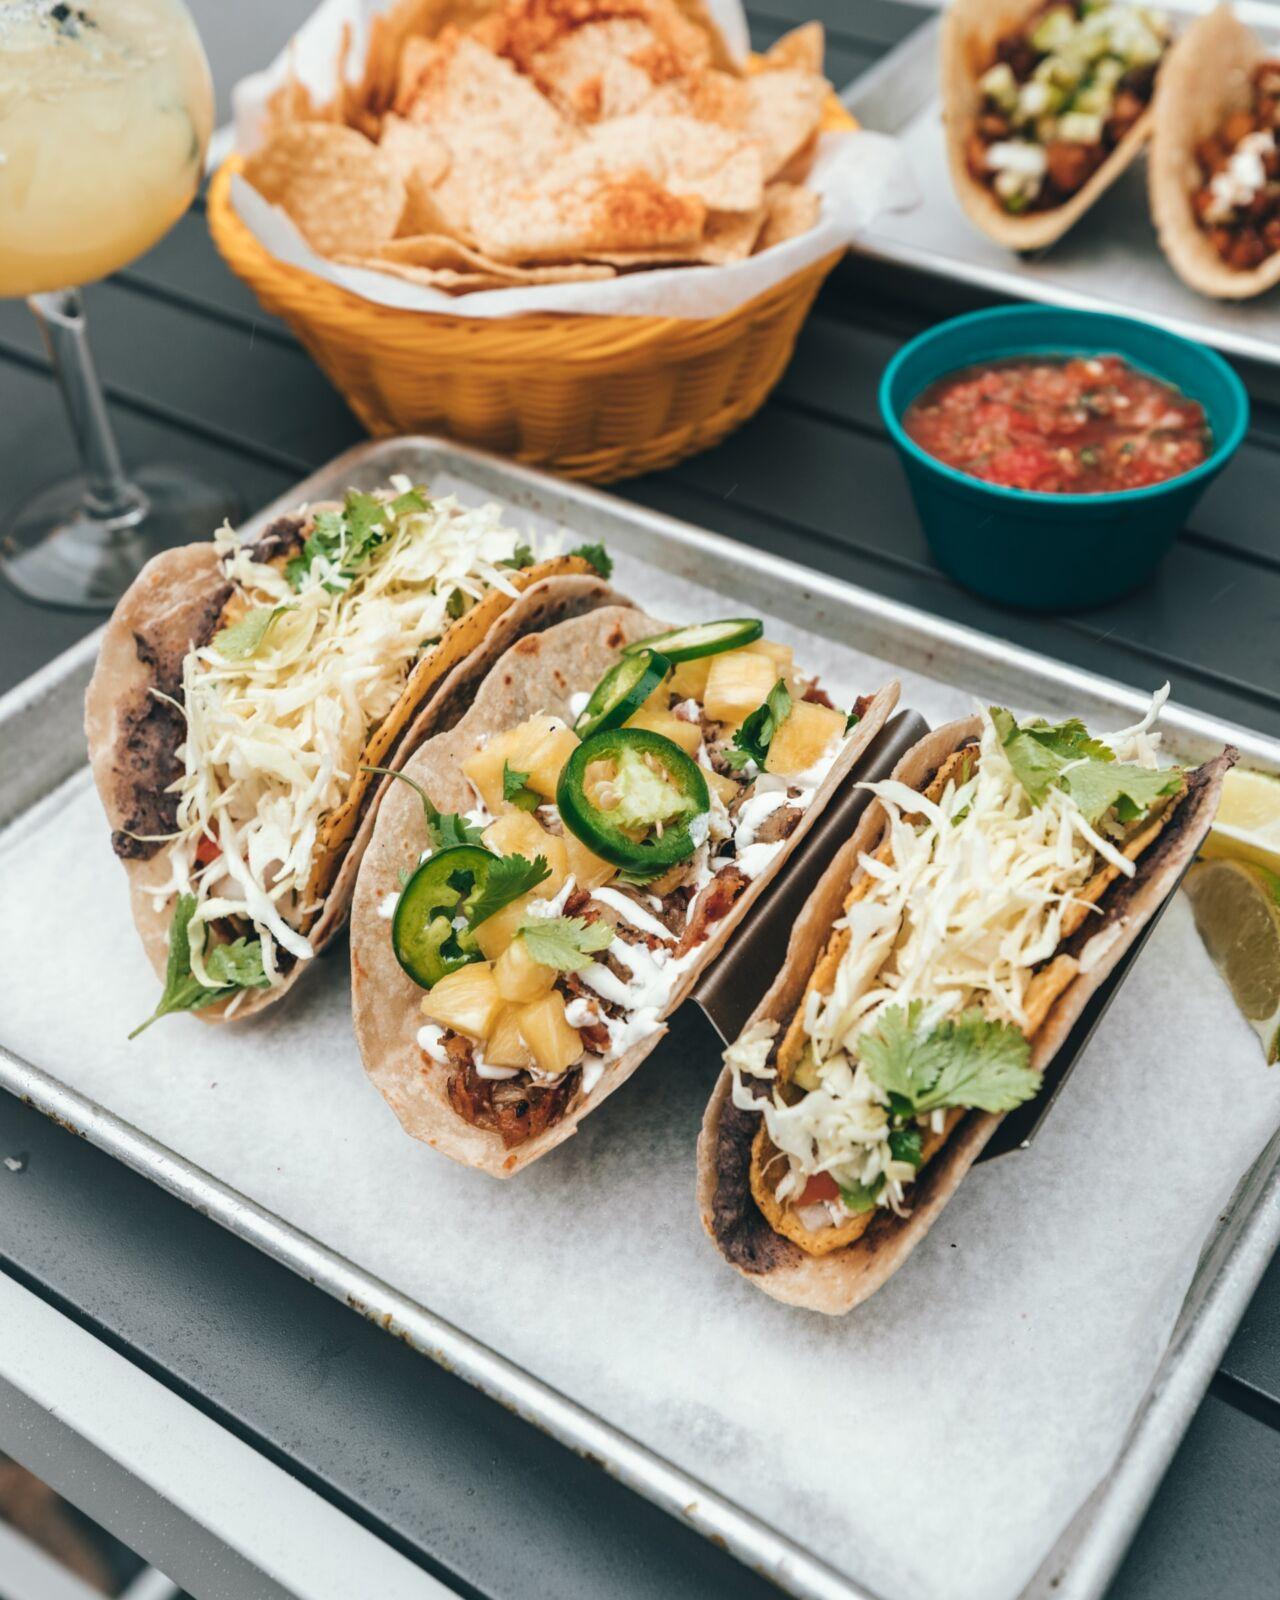 tacos at a restaurant